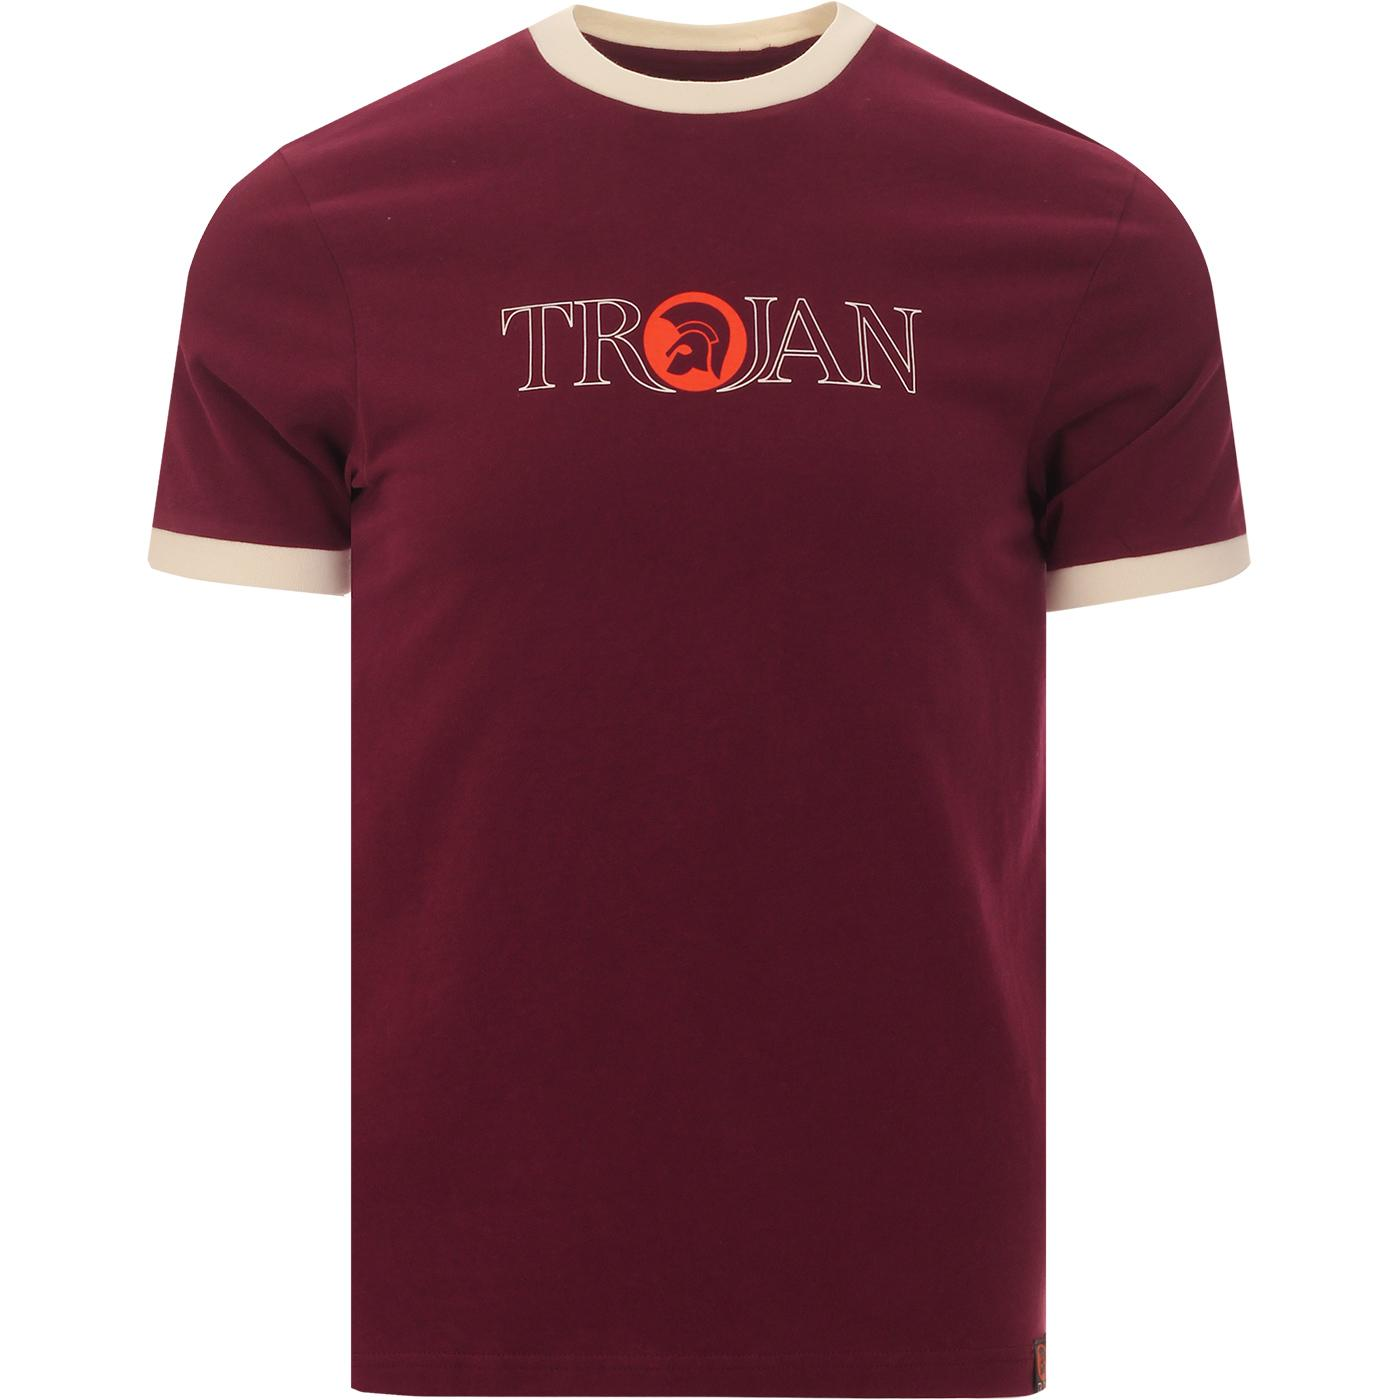 TROJAN RECORDS Outline Logo Ringer Tee (Port)